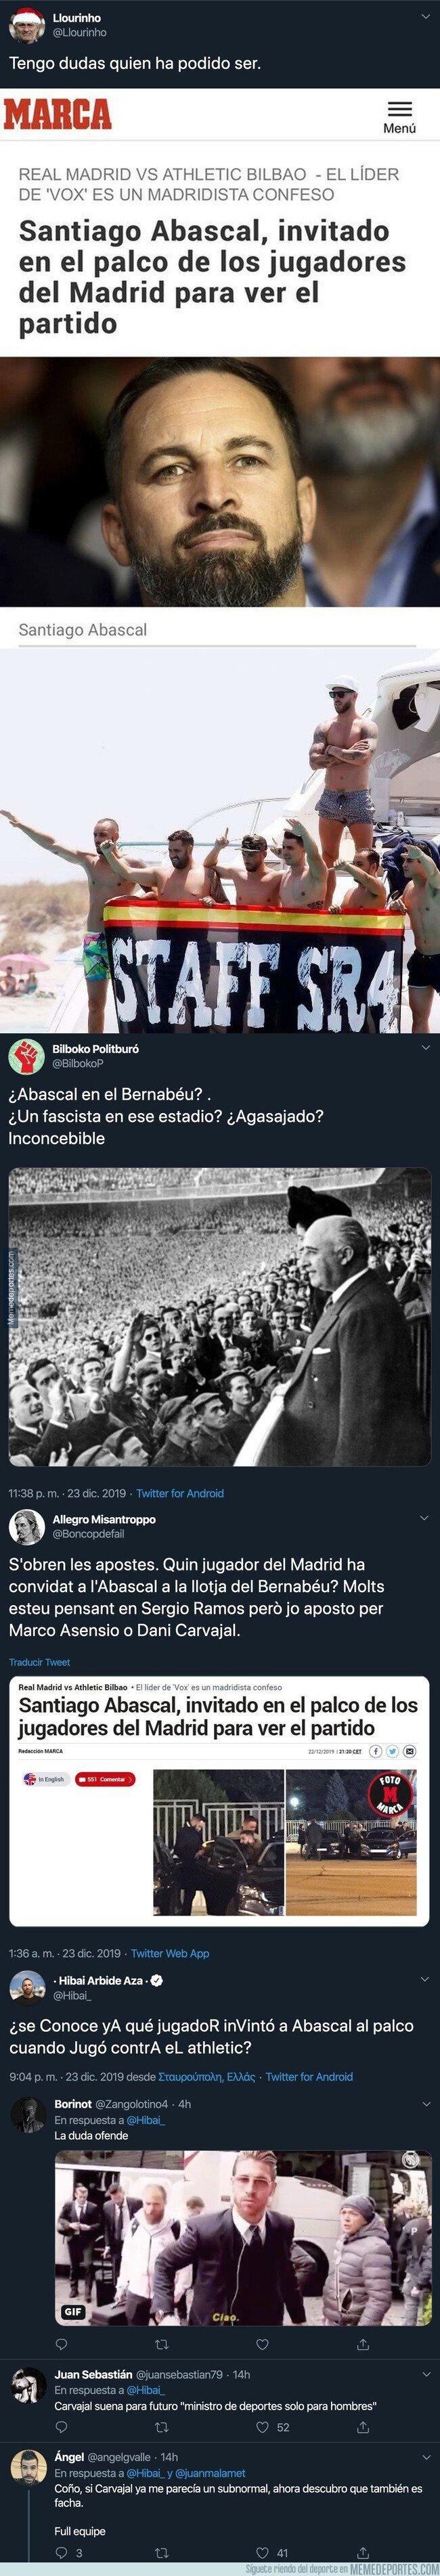 1094297 - Internet está intentando adivinar qué jugador del Real Madrid invitó a Santiago Abascal al palco del Bernabéu y tienen tres claros candidatos